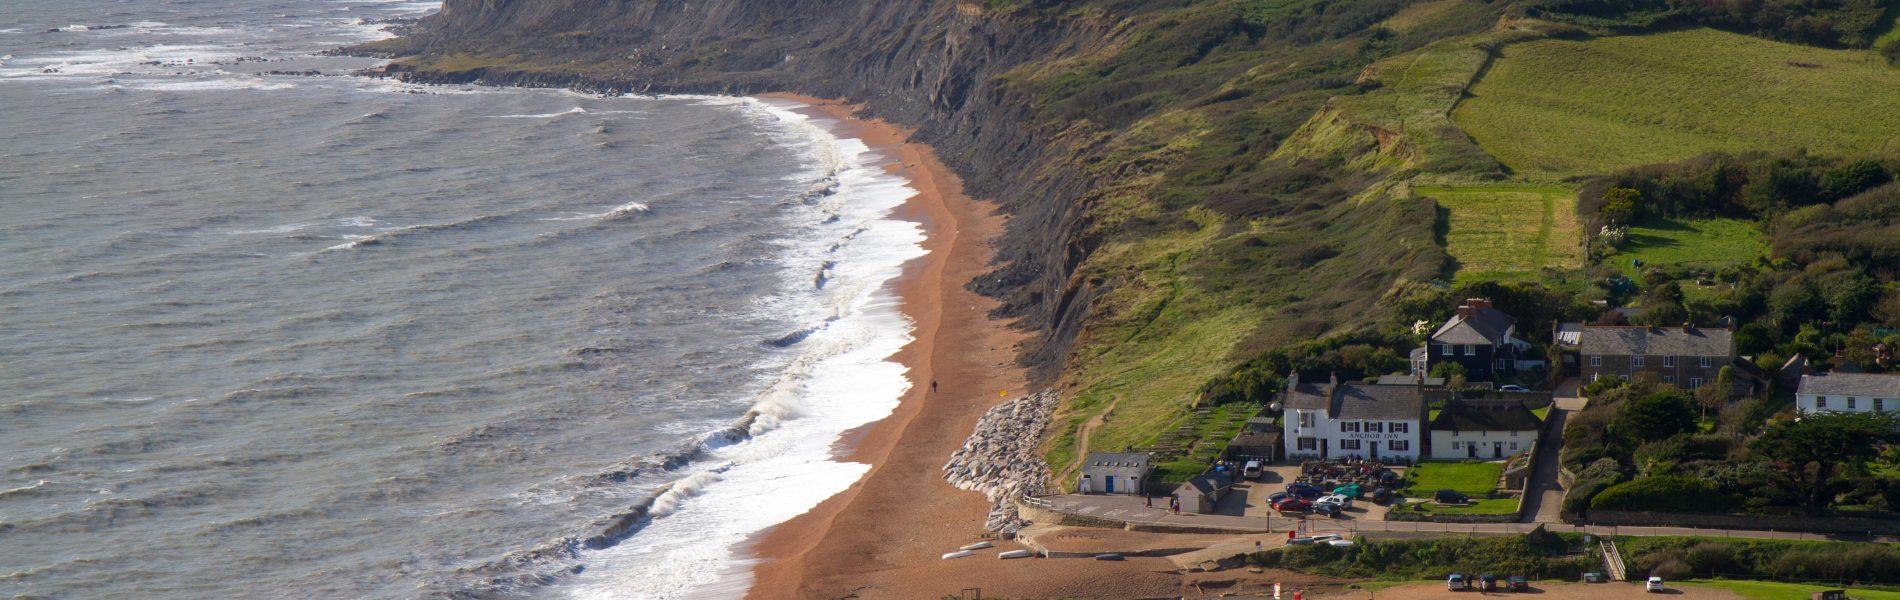 Seatown beach Dorset